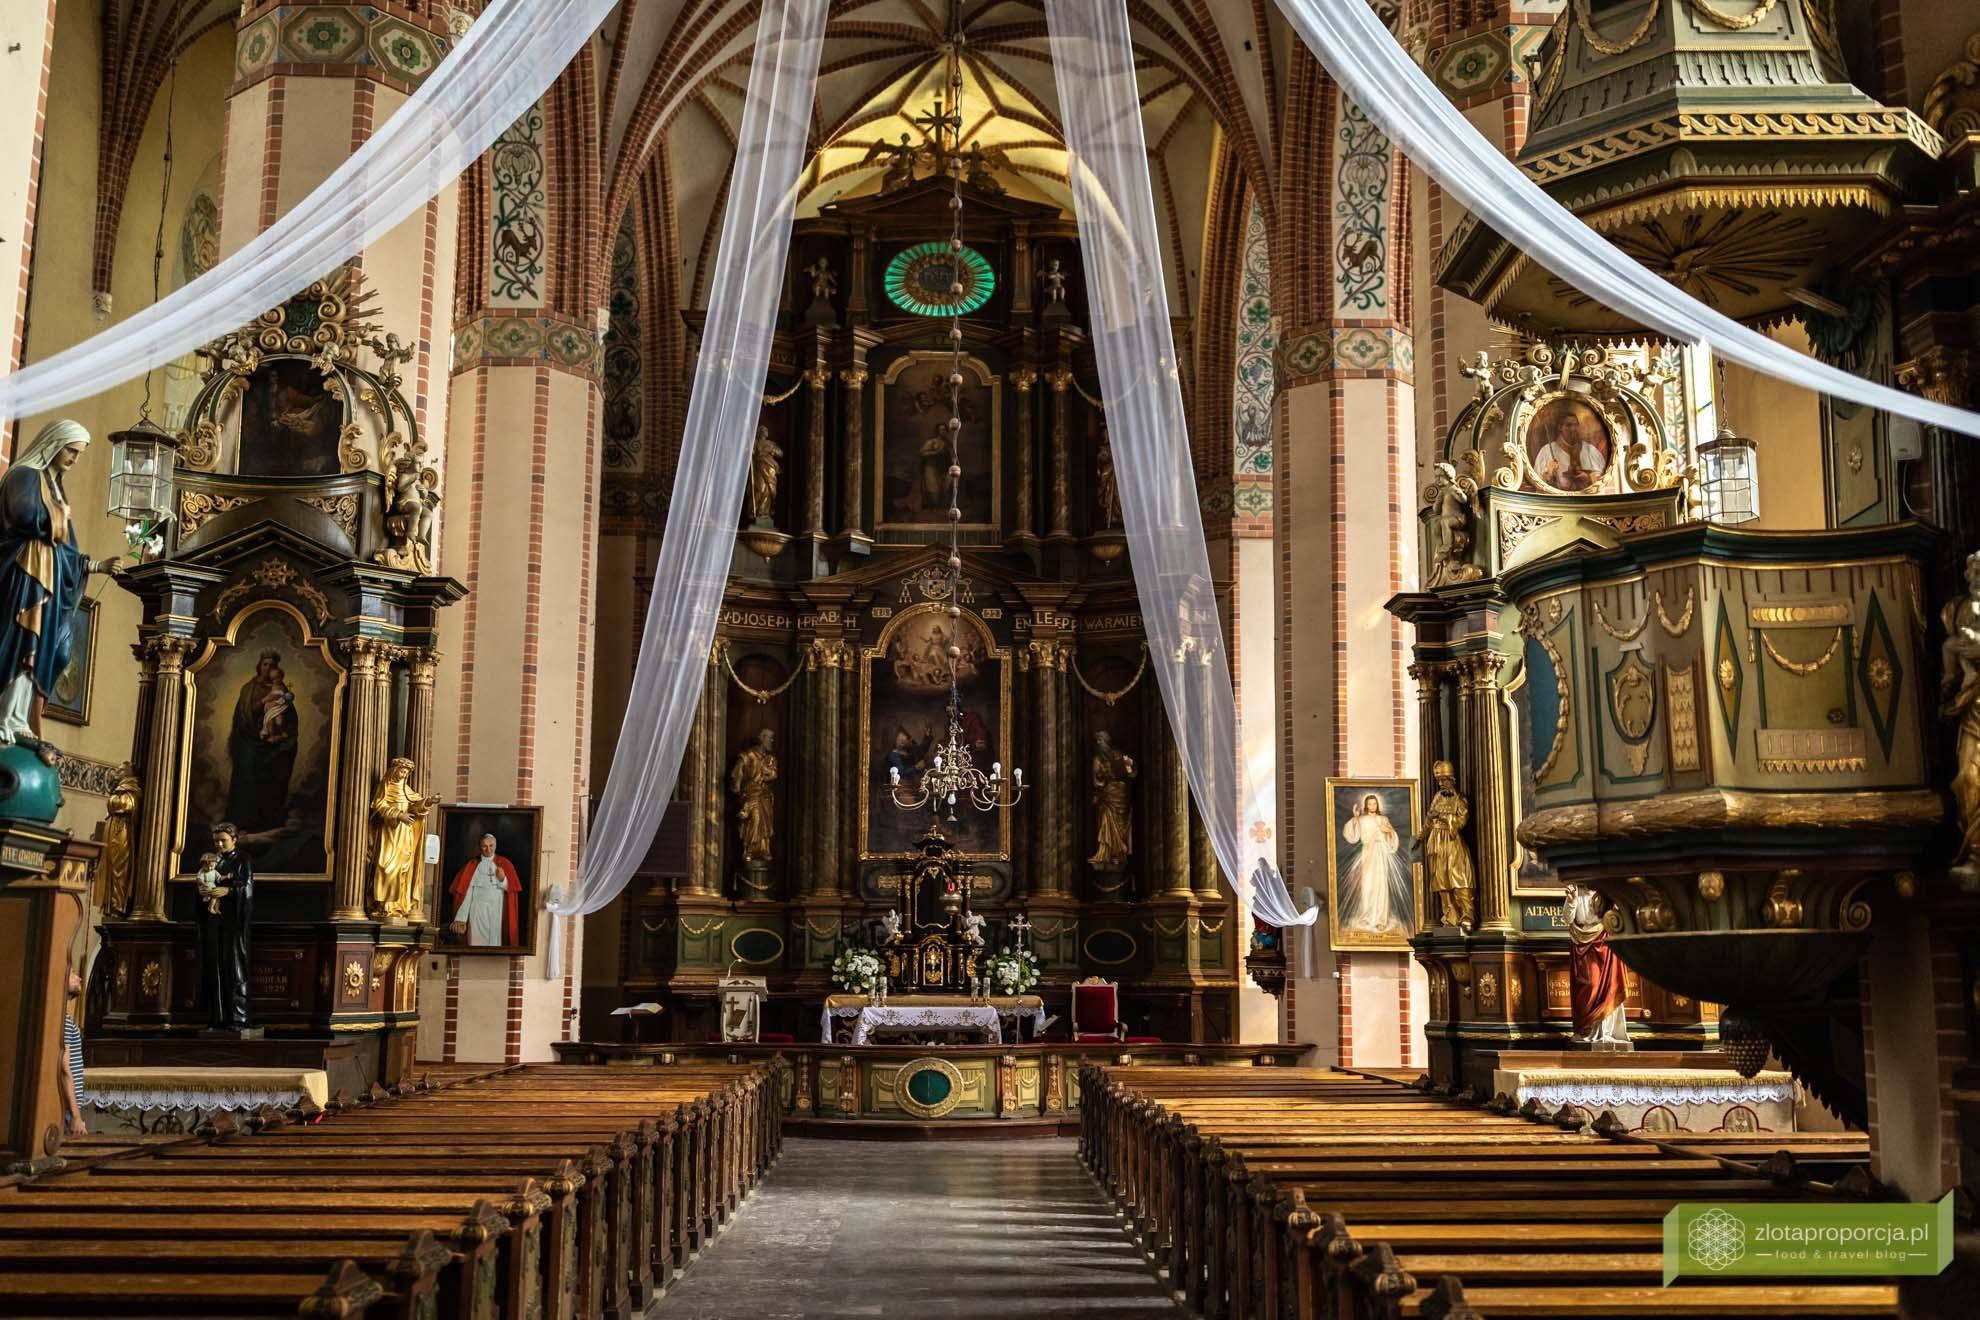 Reszel; Warmia; atrakcje Warmii; atrakcje Reszla; Reszel zwiedzanie; Reszel Kościół; Kościół w Reszlu;